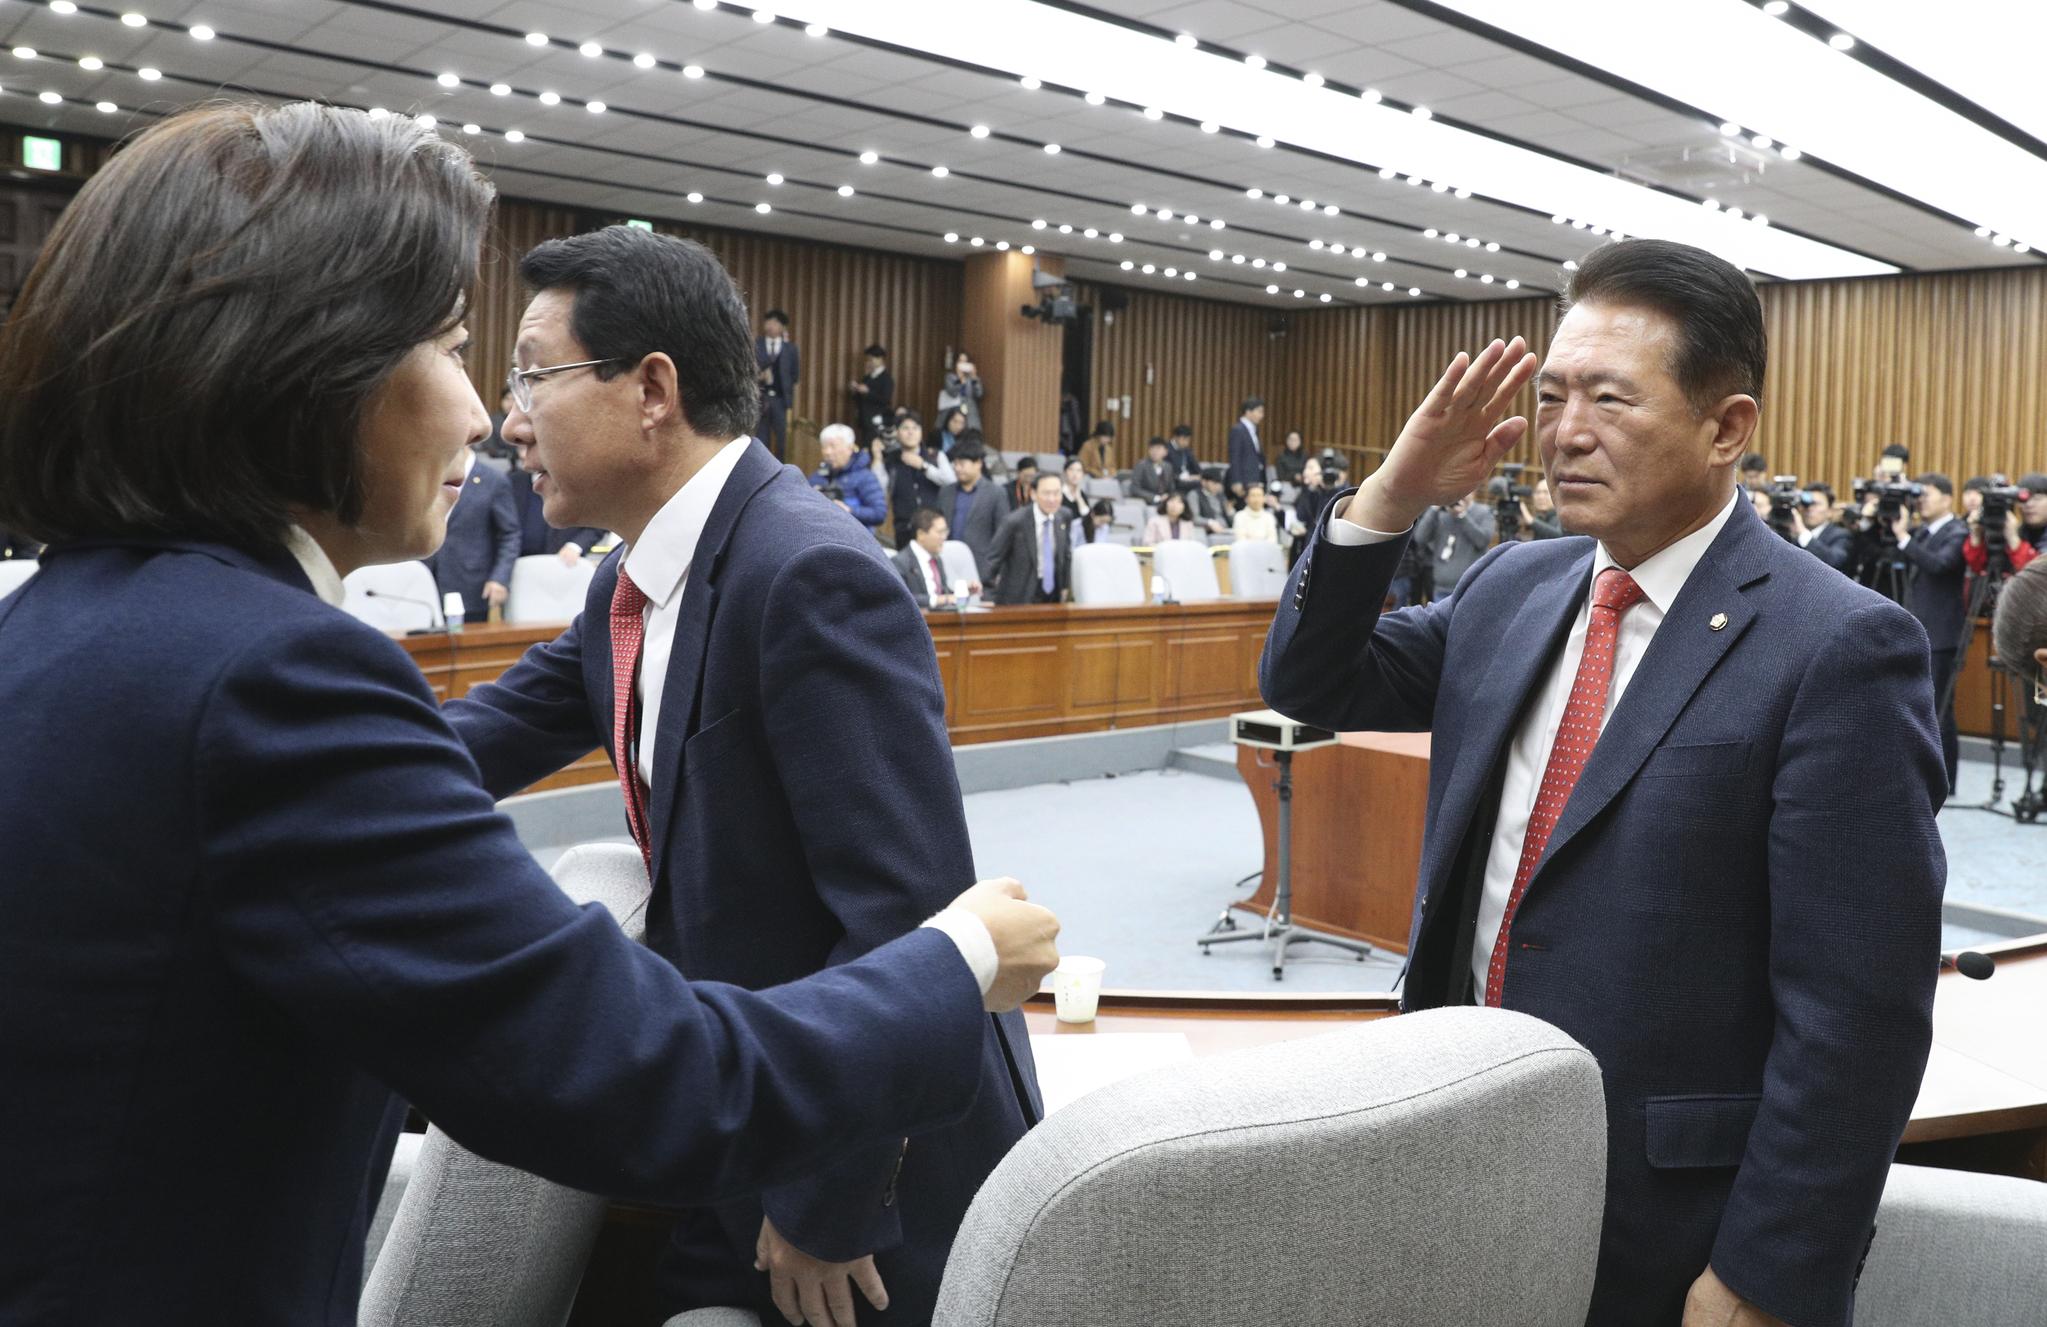 자유한국당 나경원 원내대표(왼쪽)가 19일 국회에서 열린 원내대책회의에 참석해 김한표 의원의 거수경례를 받고 있다. 임현동 기자